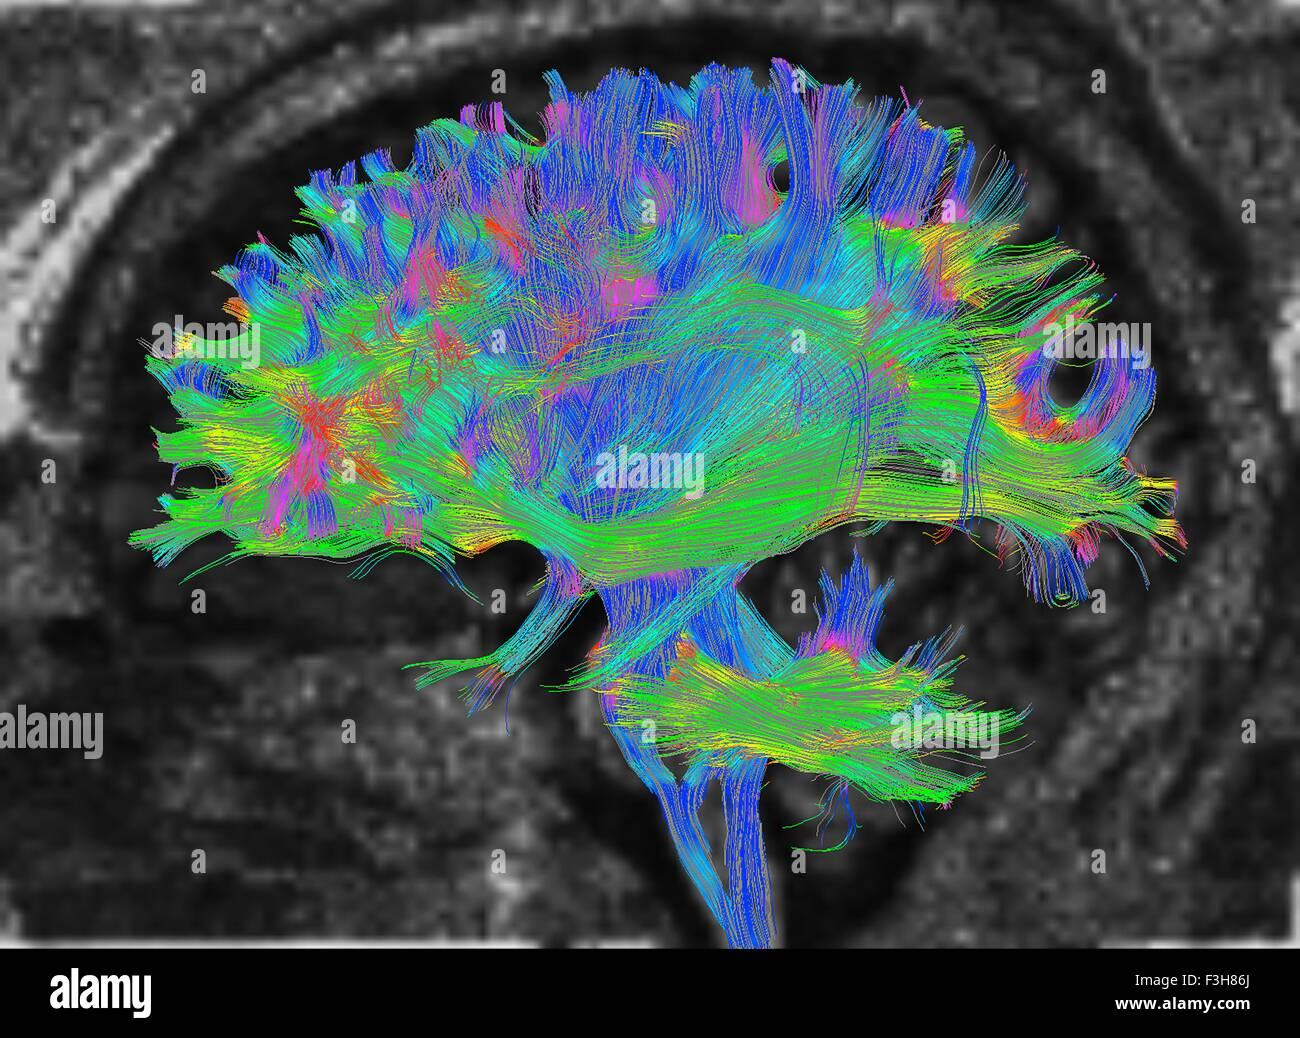 L'IRM de diffusion, également appelé l'imagerie du tenseur de diffusion ou DTI, du cerveau humain Photo Stock